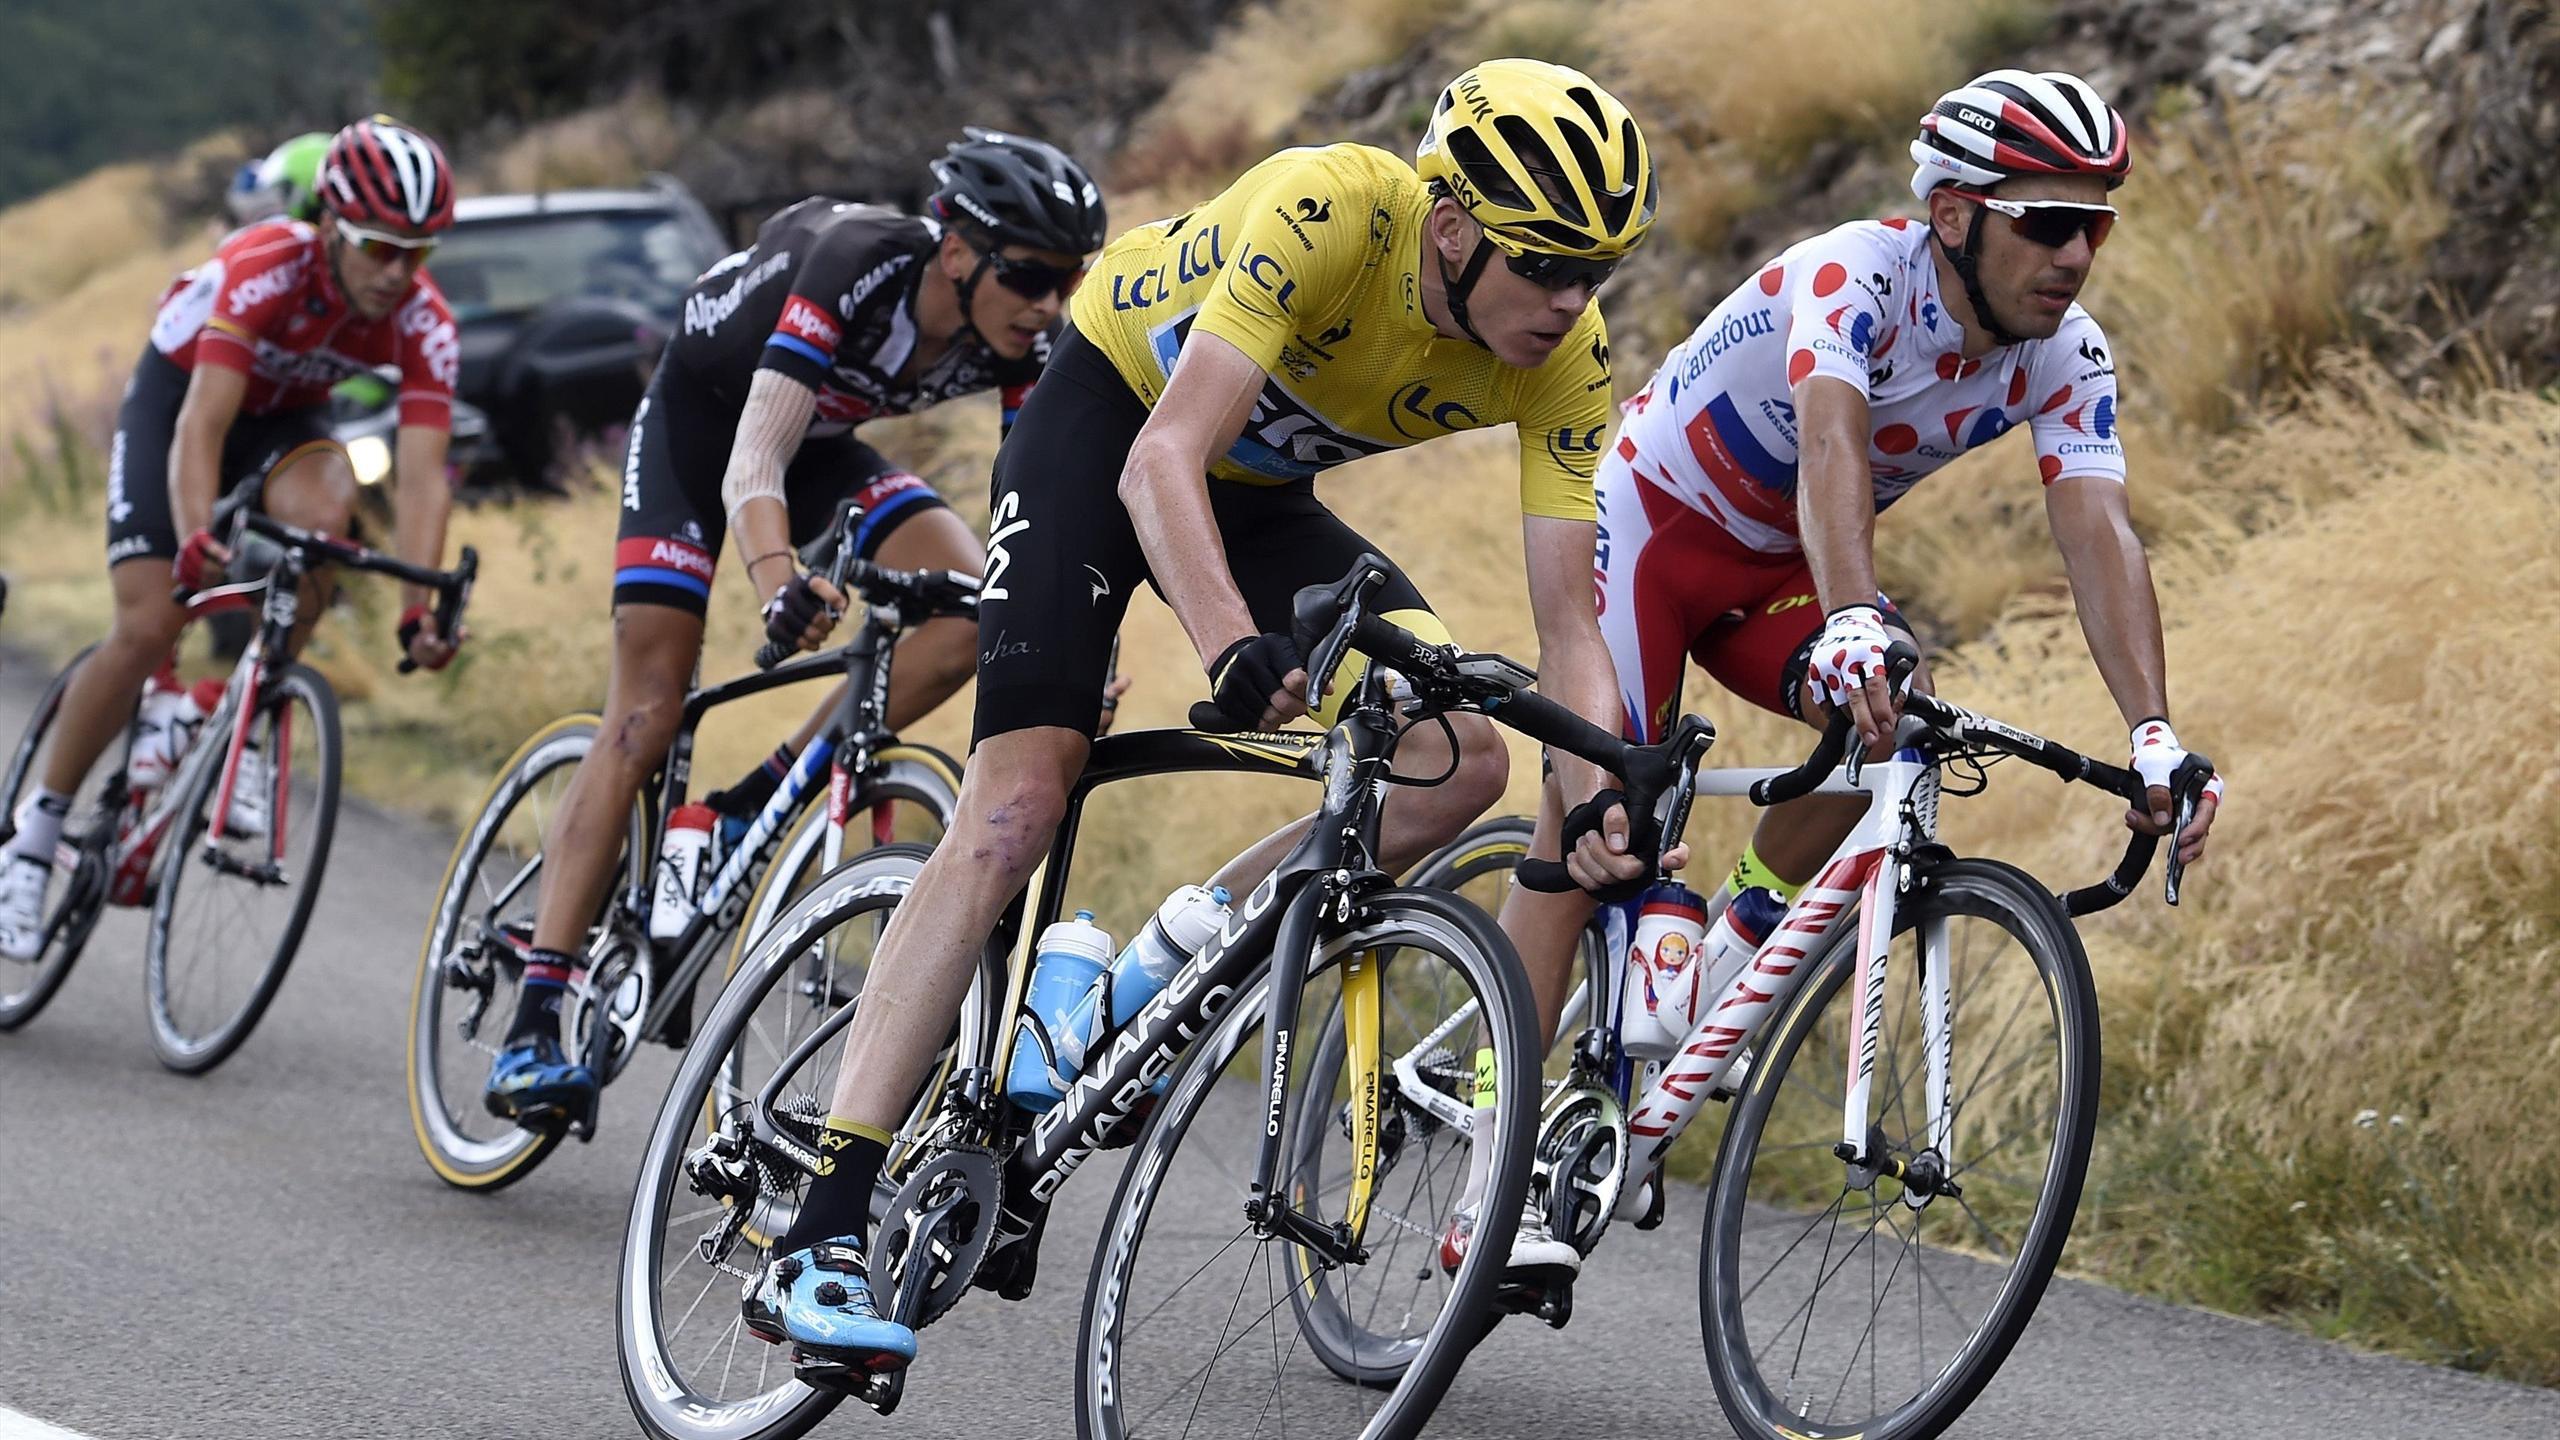 Chris Froome (Sky) et Joaquim Rodriguez (Katusha), porteurs des maillots jaune et à pois sur le Tour de France 2015